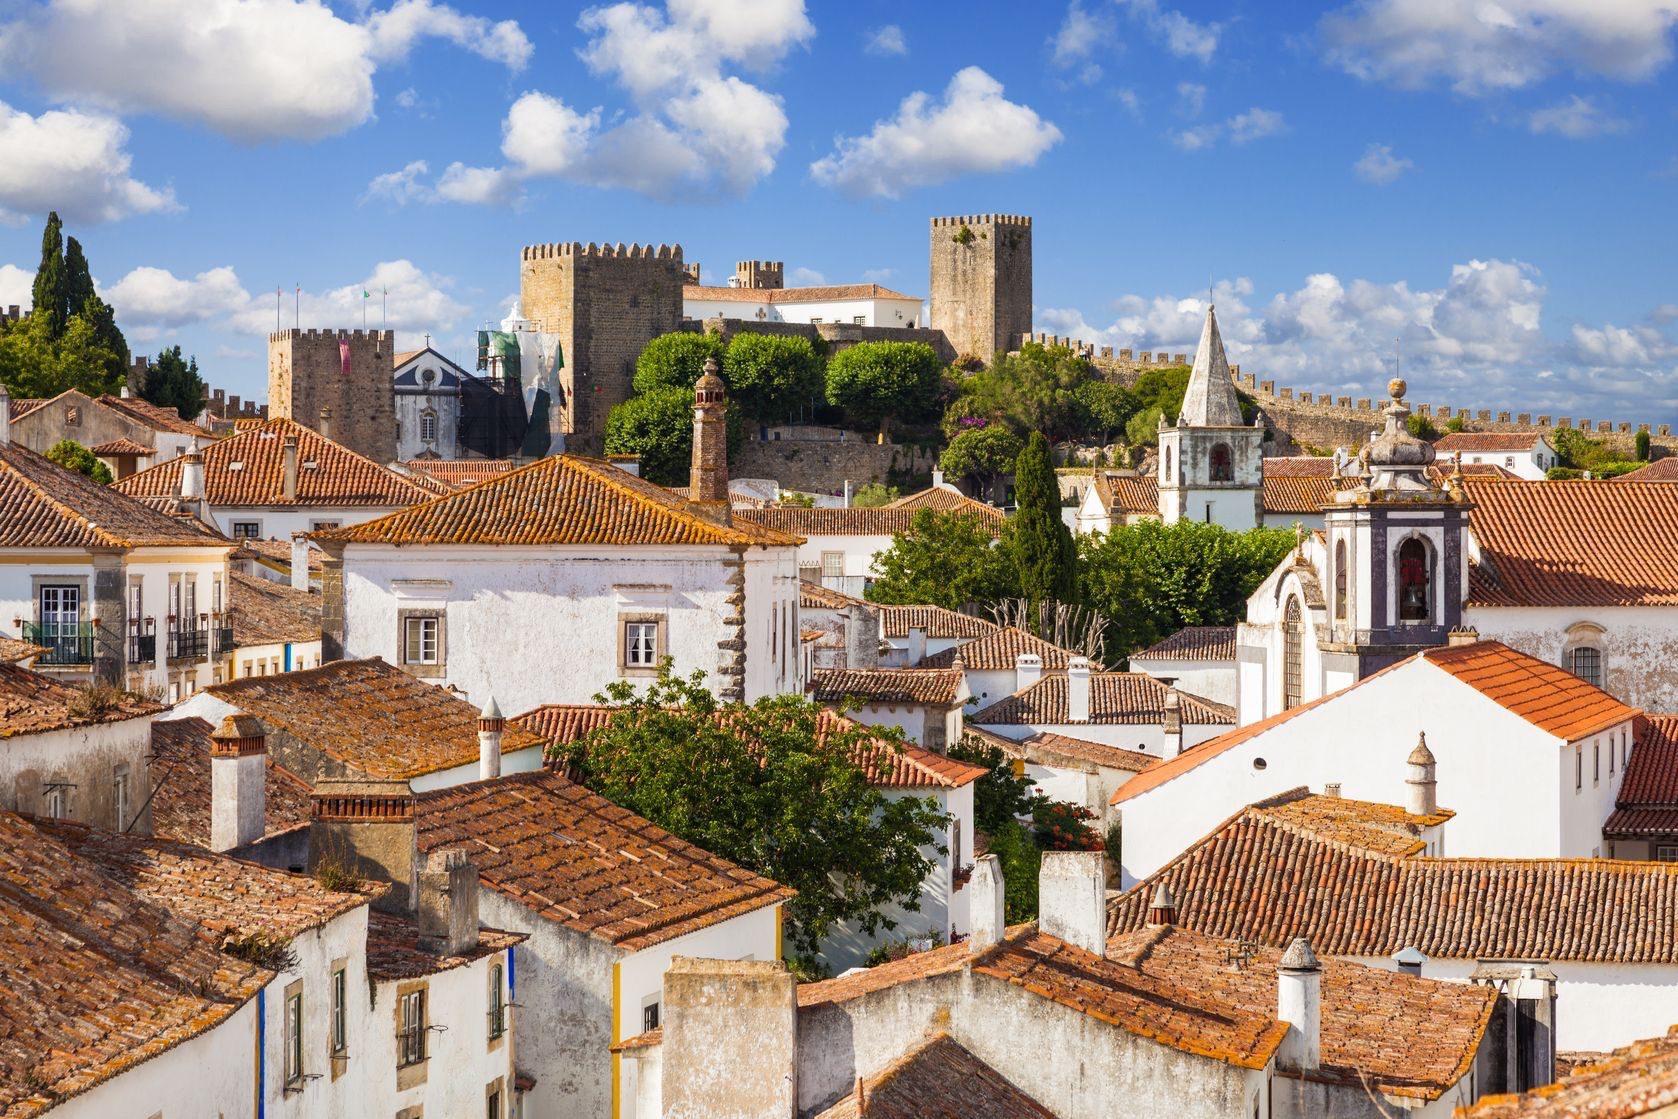 Όμπιδος: Μια αρχαία οχυρωμένη πόλη της Πορτογαλίας